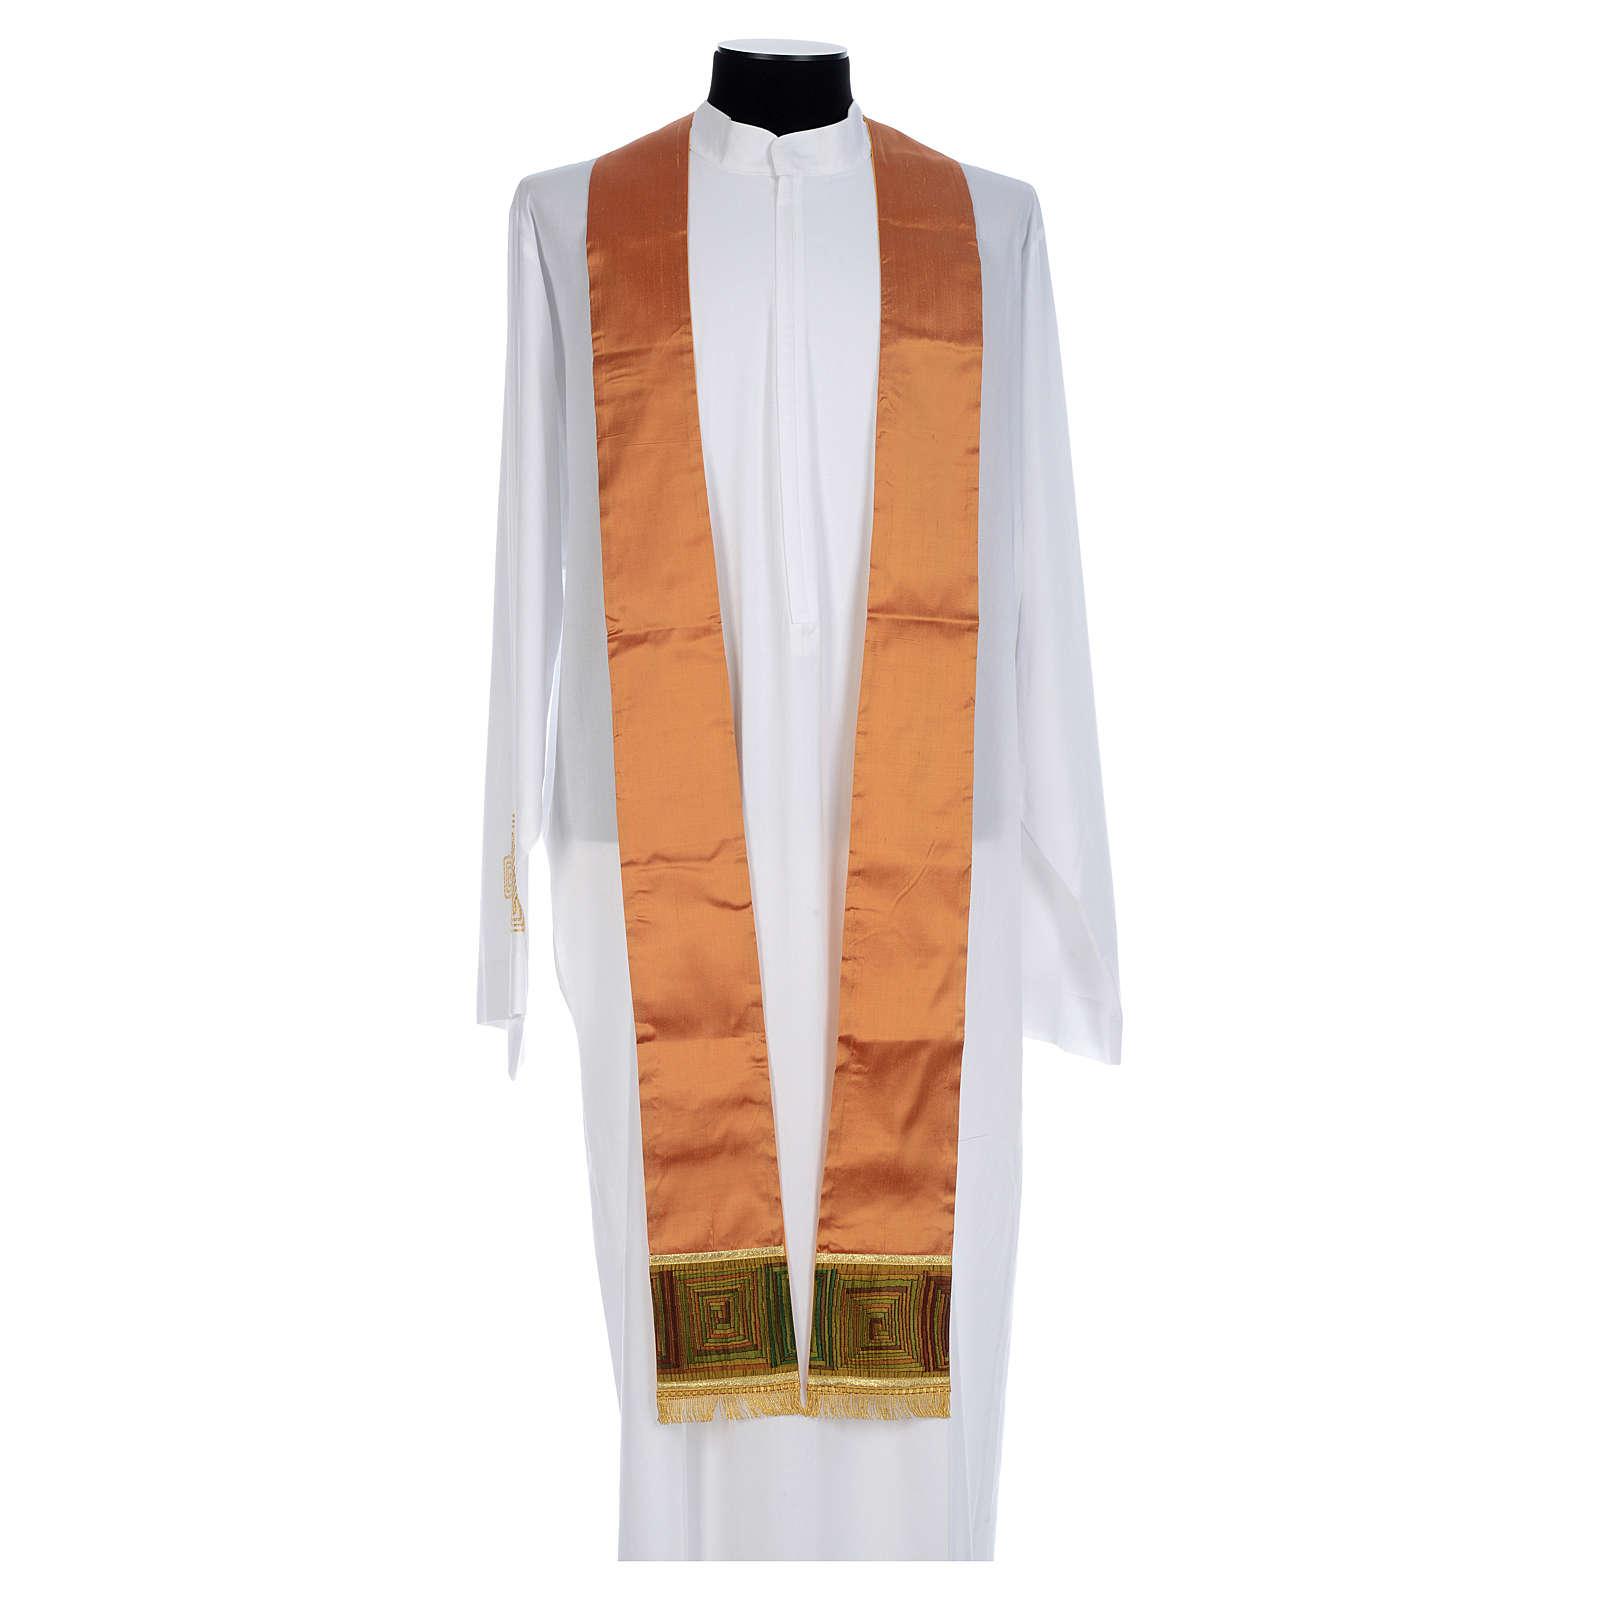 Casula sacerdotale seta color oro 100% ricamo quadri 4